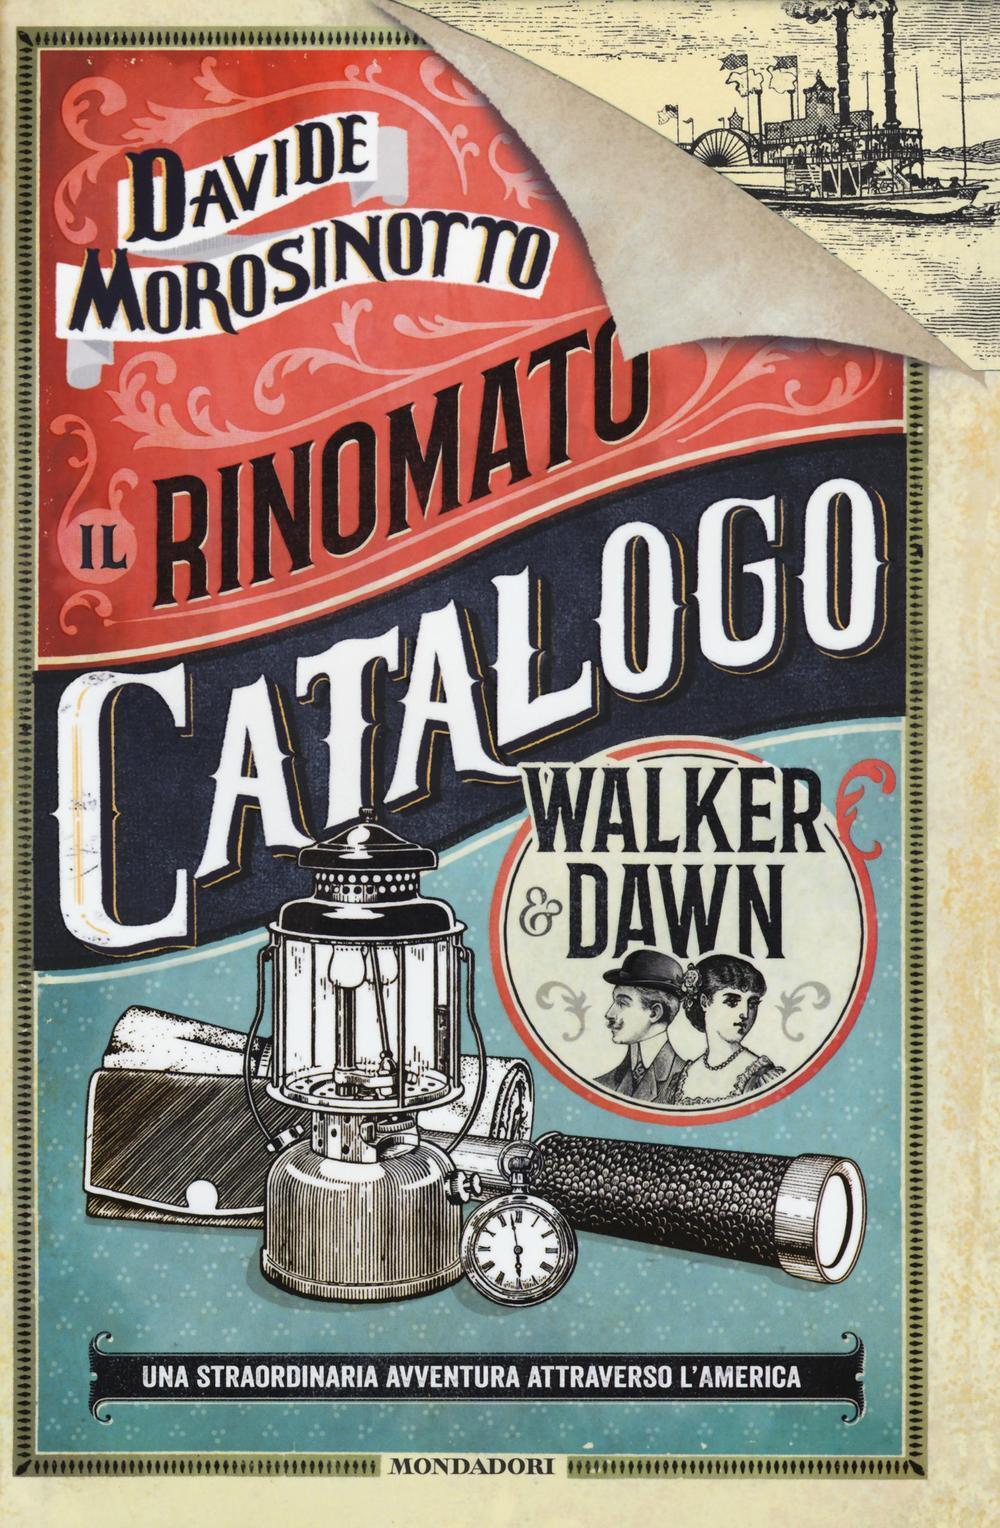 Il rinomato catalogo Walker & Dawn - Davide Morosinotto - Libro ...